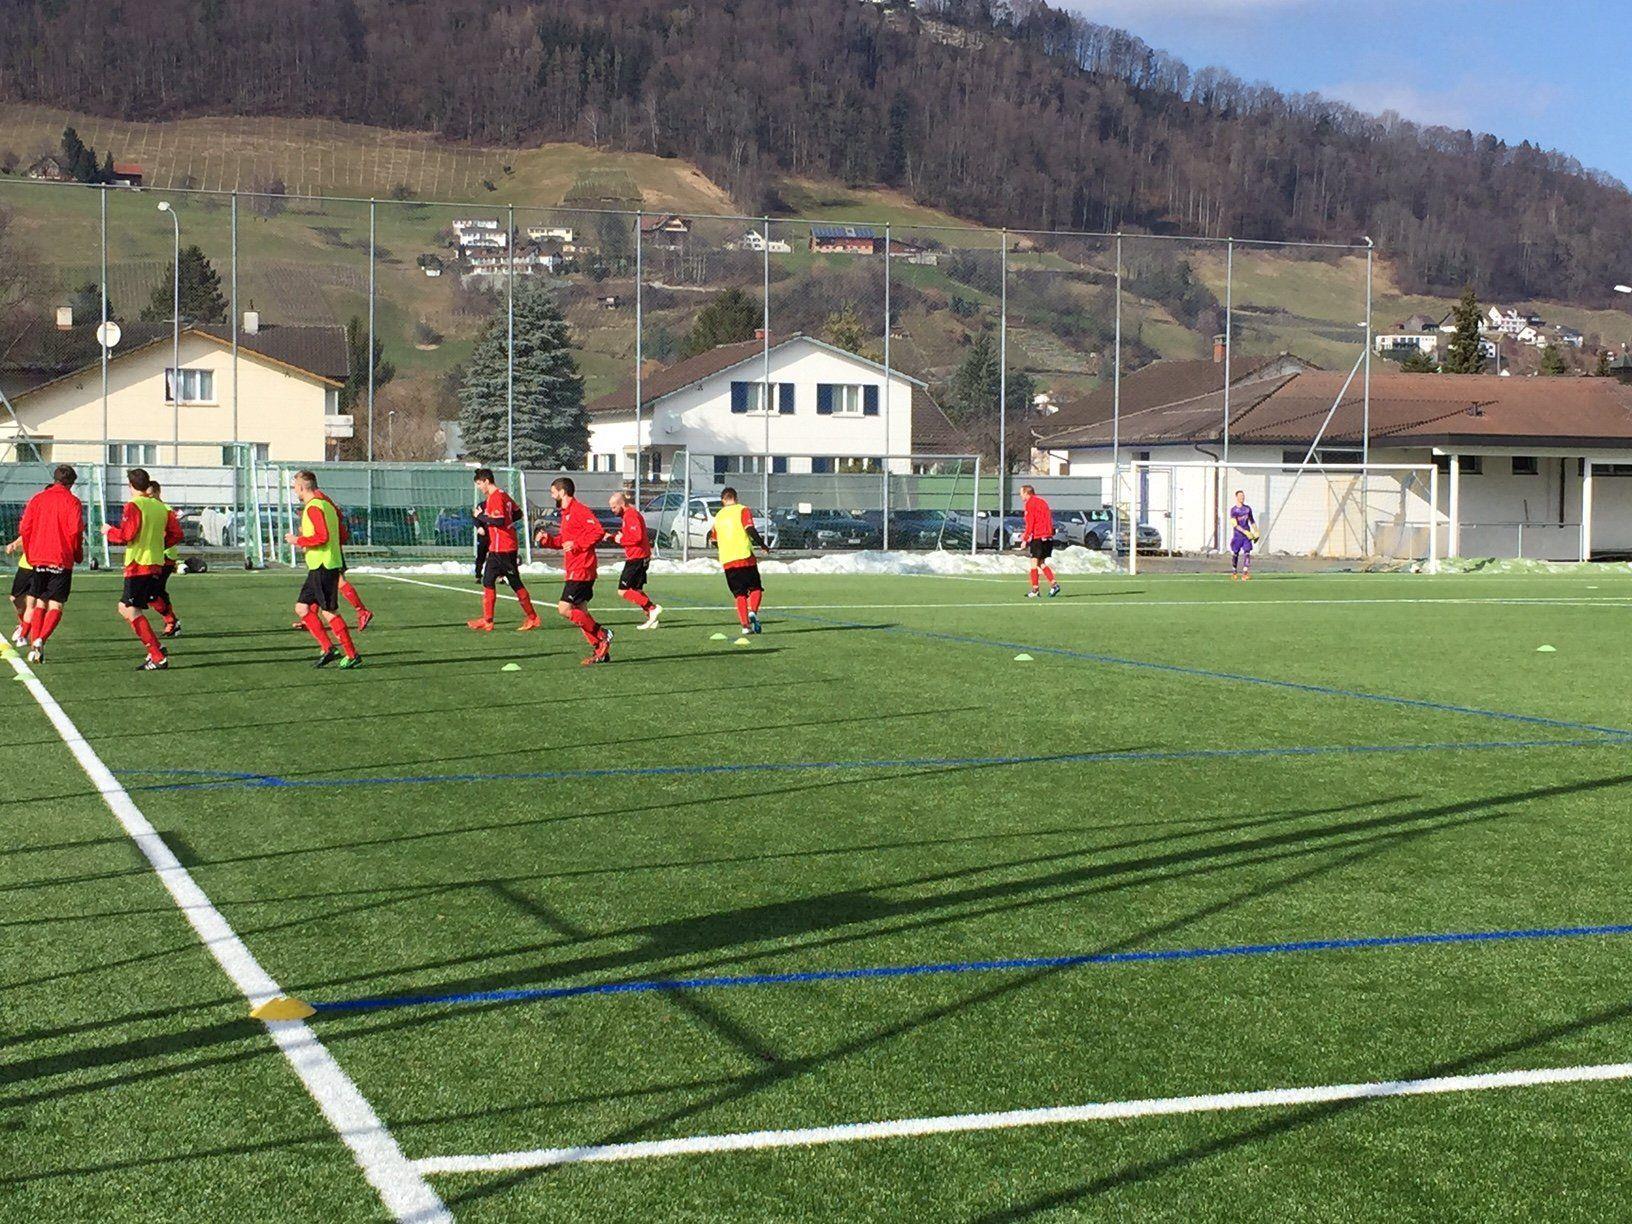 Das Aufwärmen für die Rückrunde ist beim FC Mäder in vollem Gange.